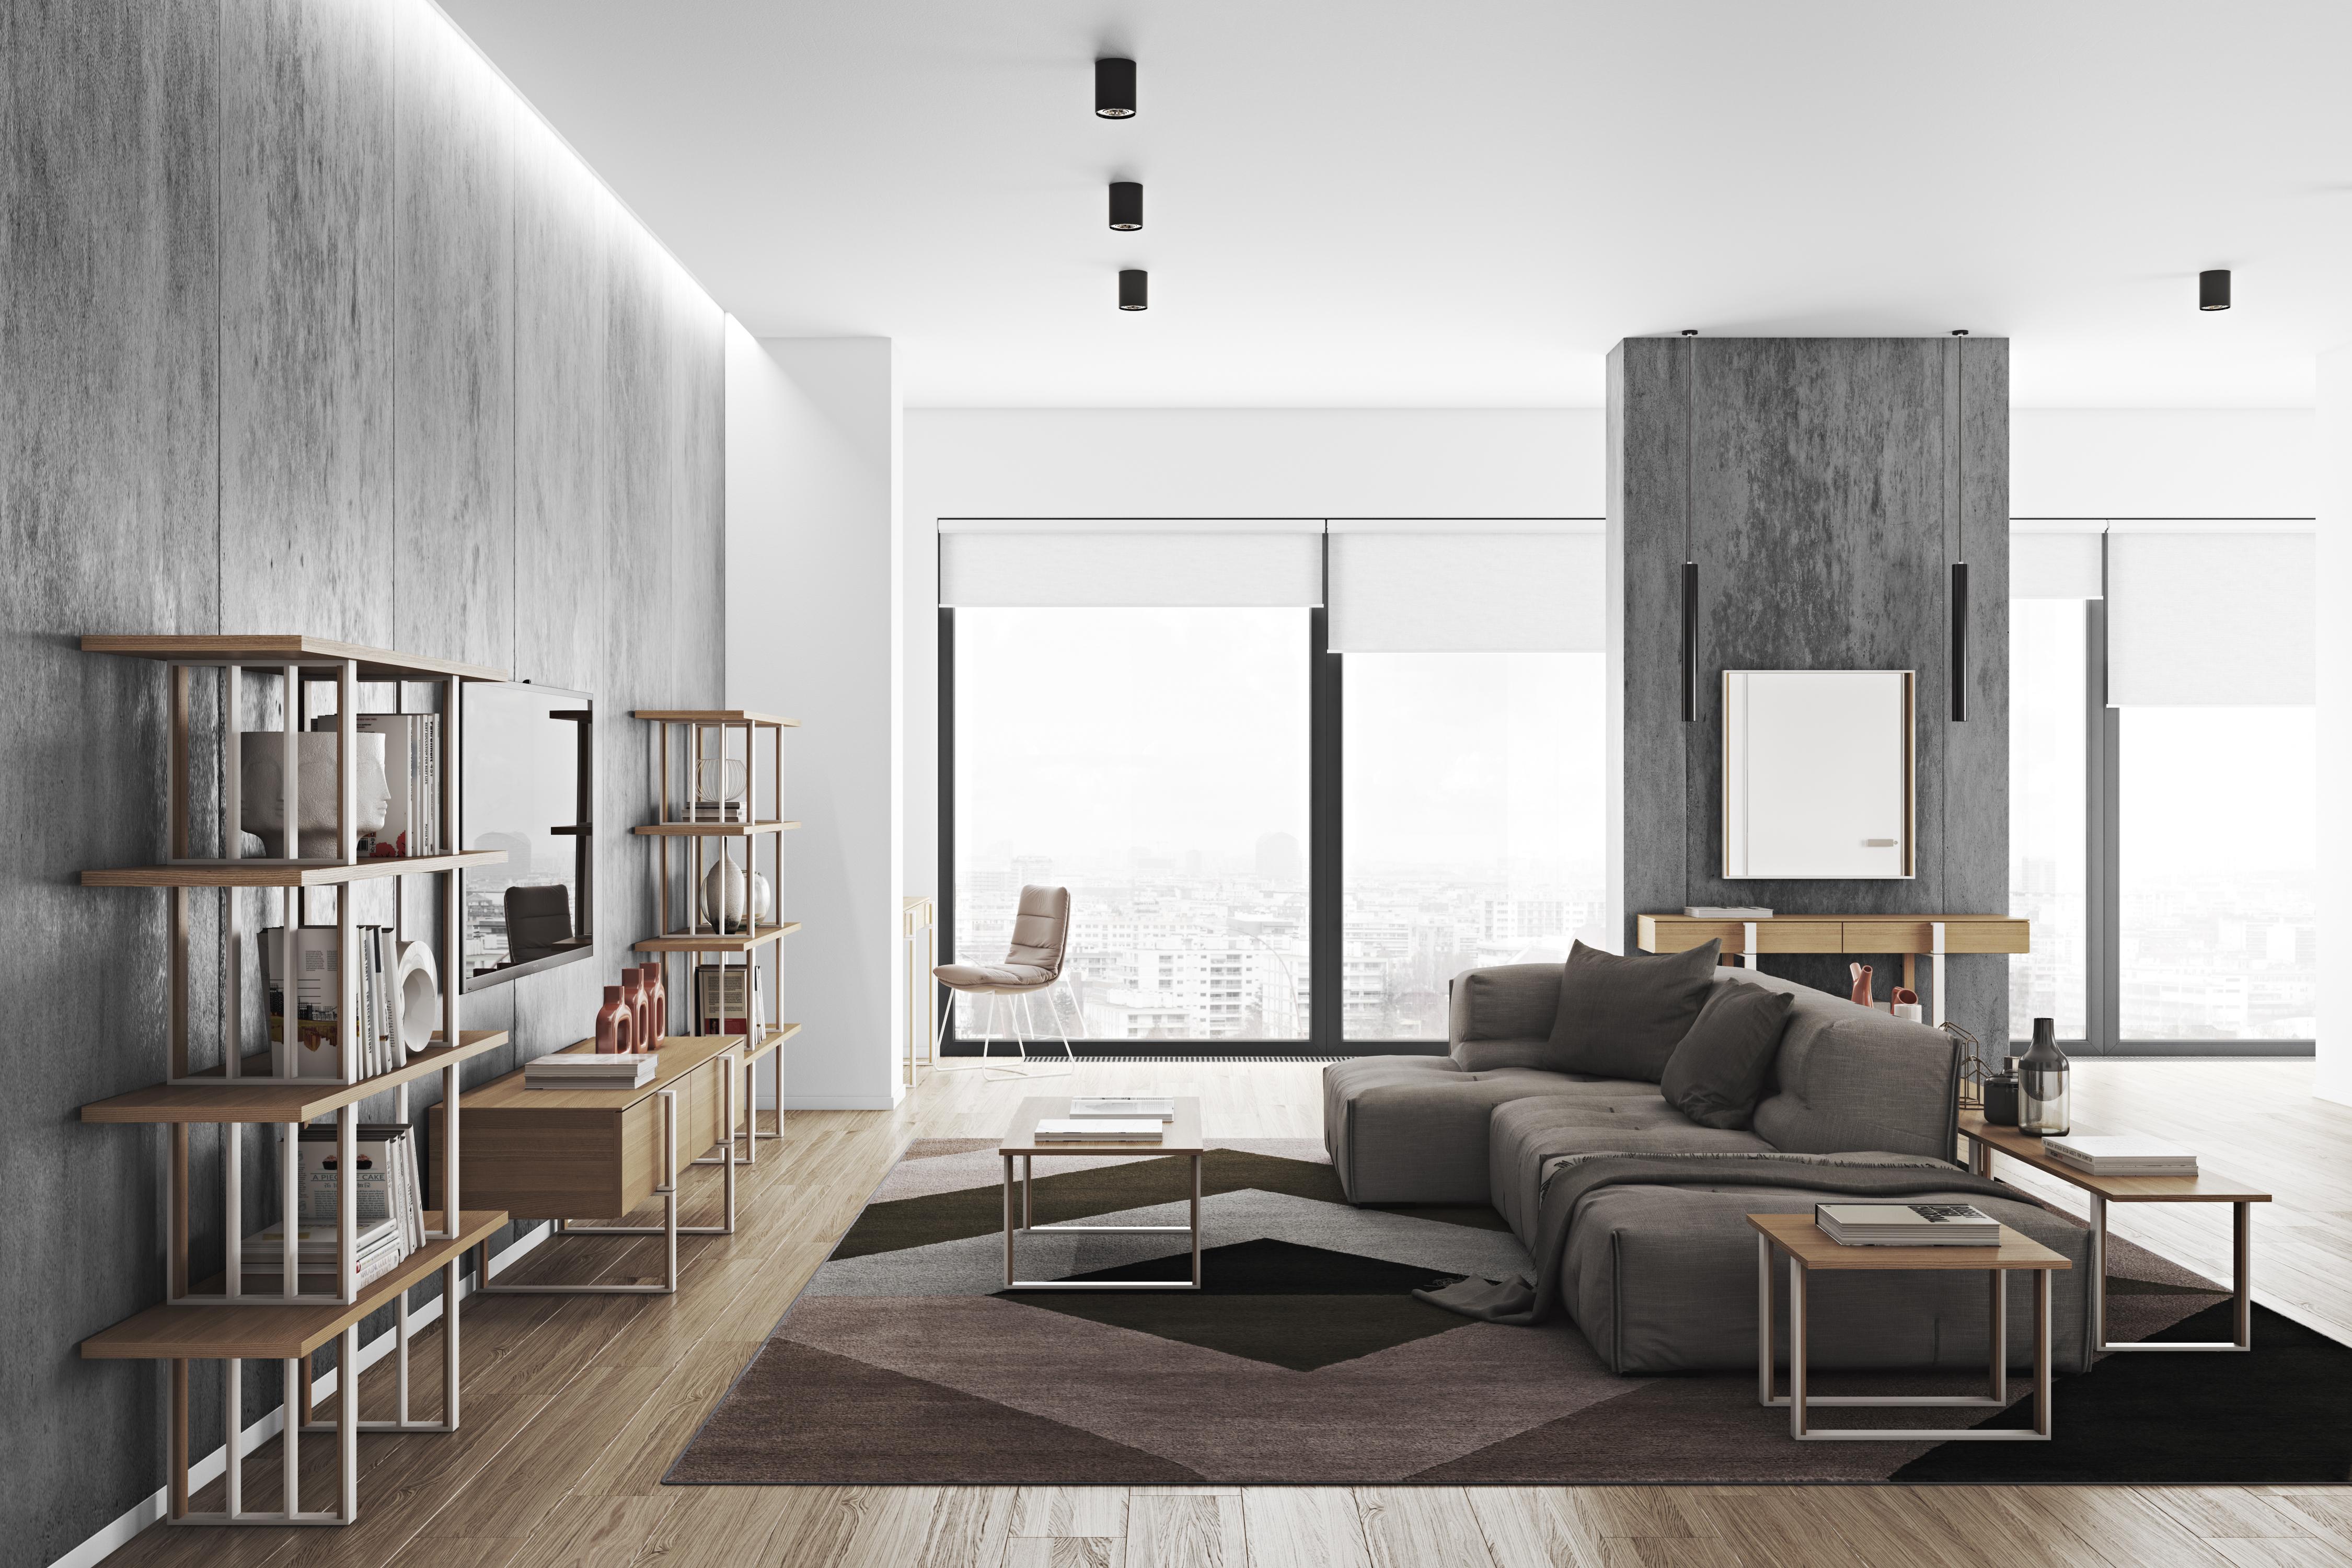 Arredamento soggiorno moderno design consigli e idee per la zona living